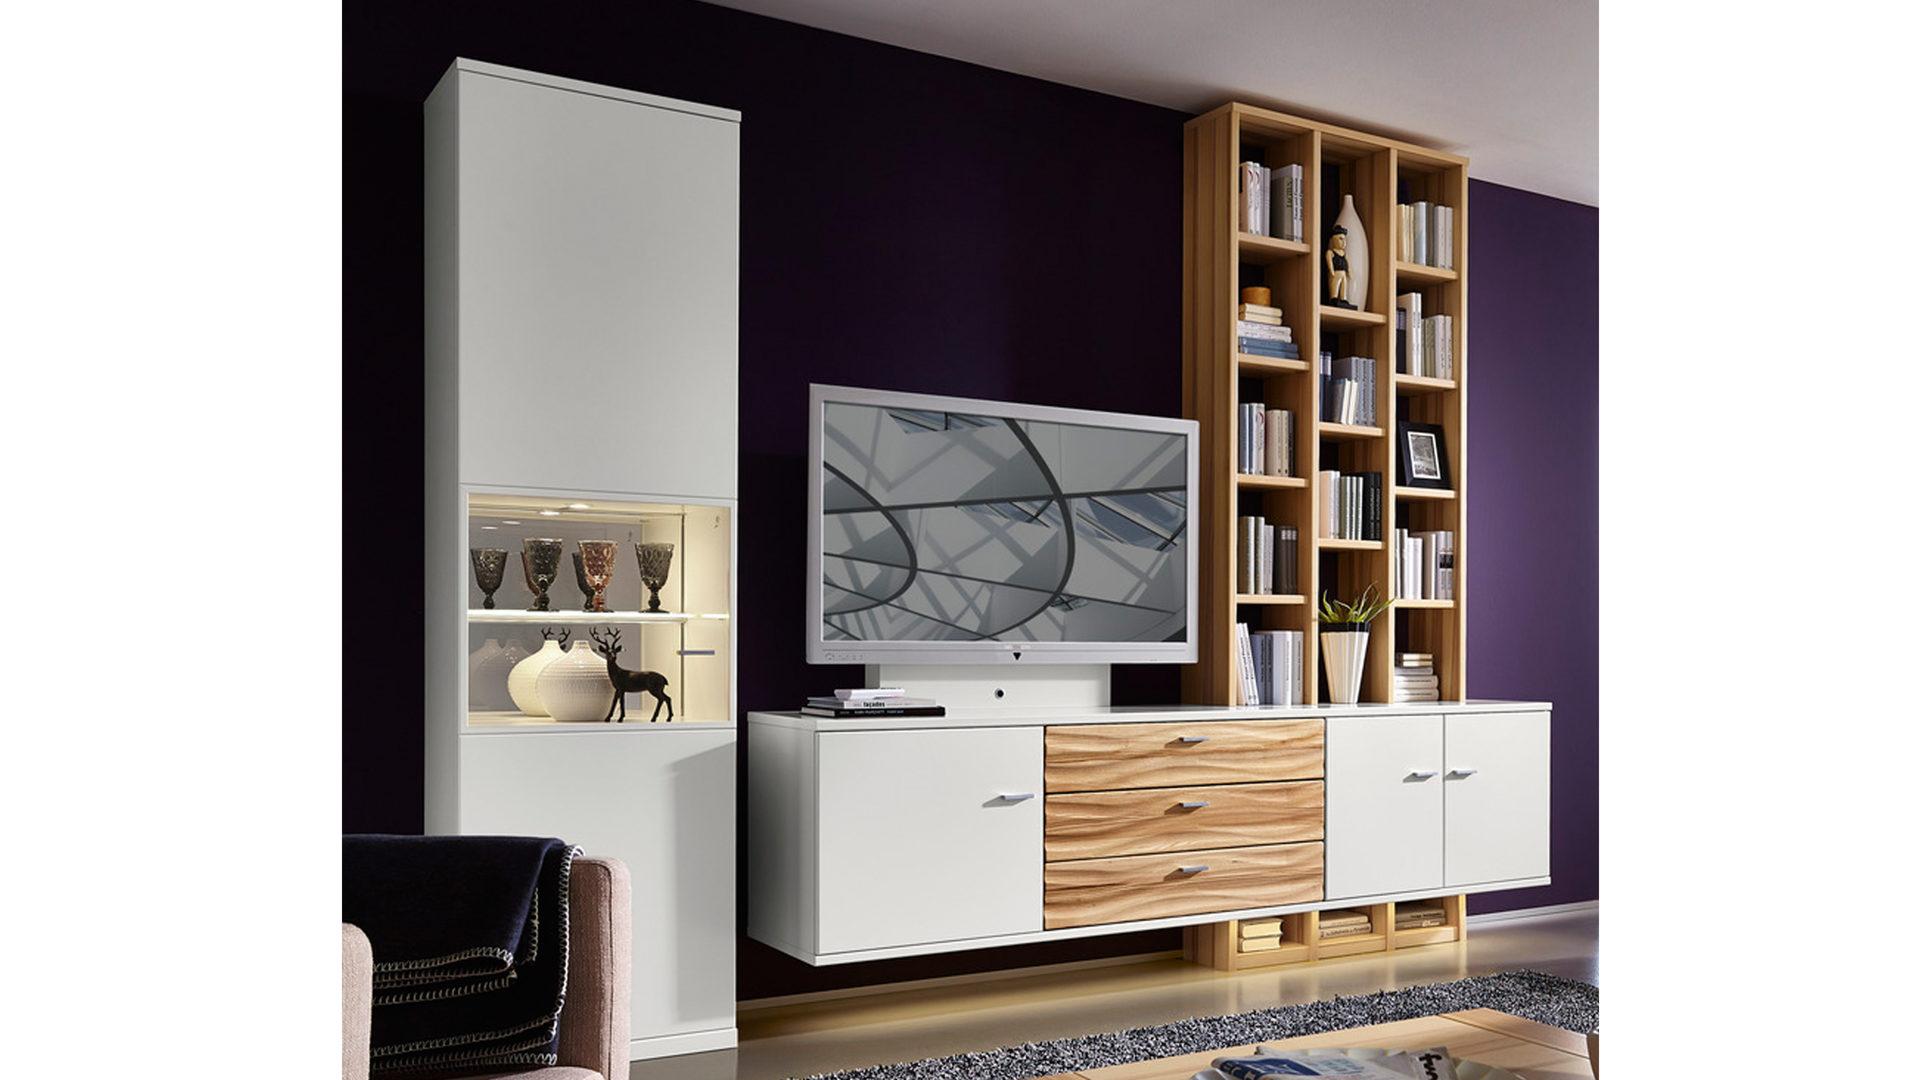 Möbel Eilers Apen, Räume, Wohnzimmer, Schränke + Wohnwände, Varianta ...